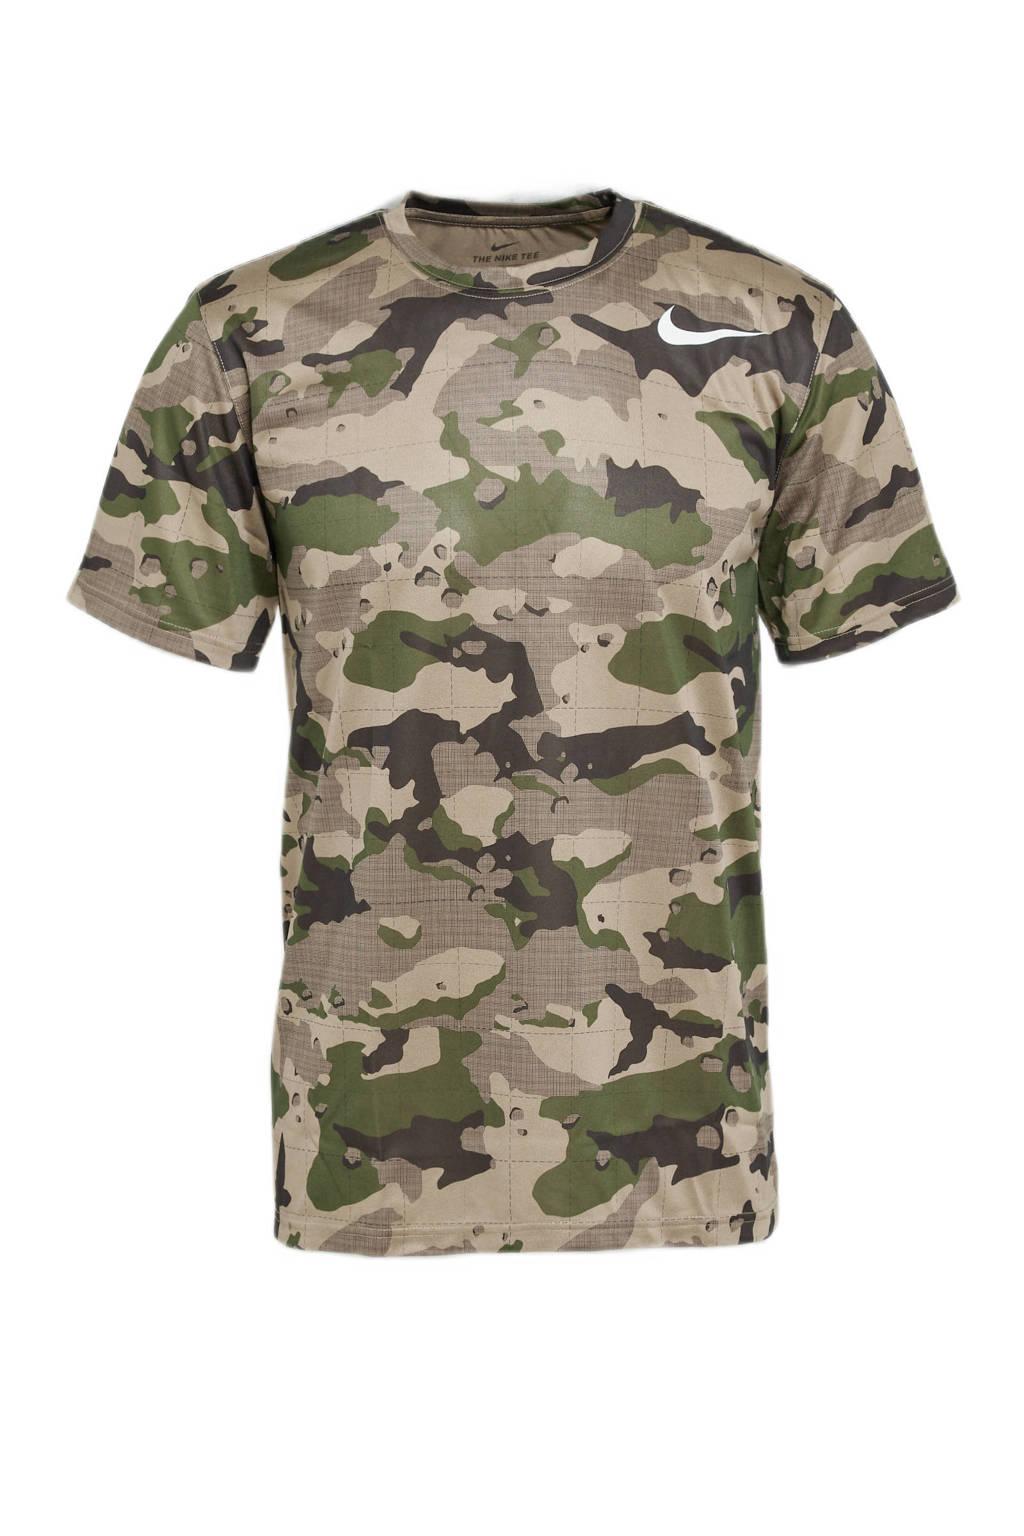 Nike   sport T-shirt groen/beige, Groen/beige